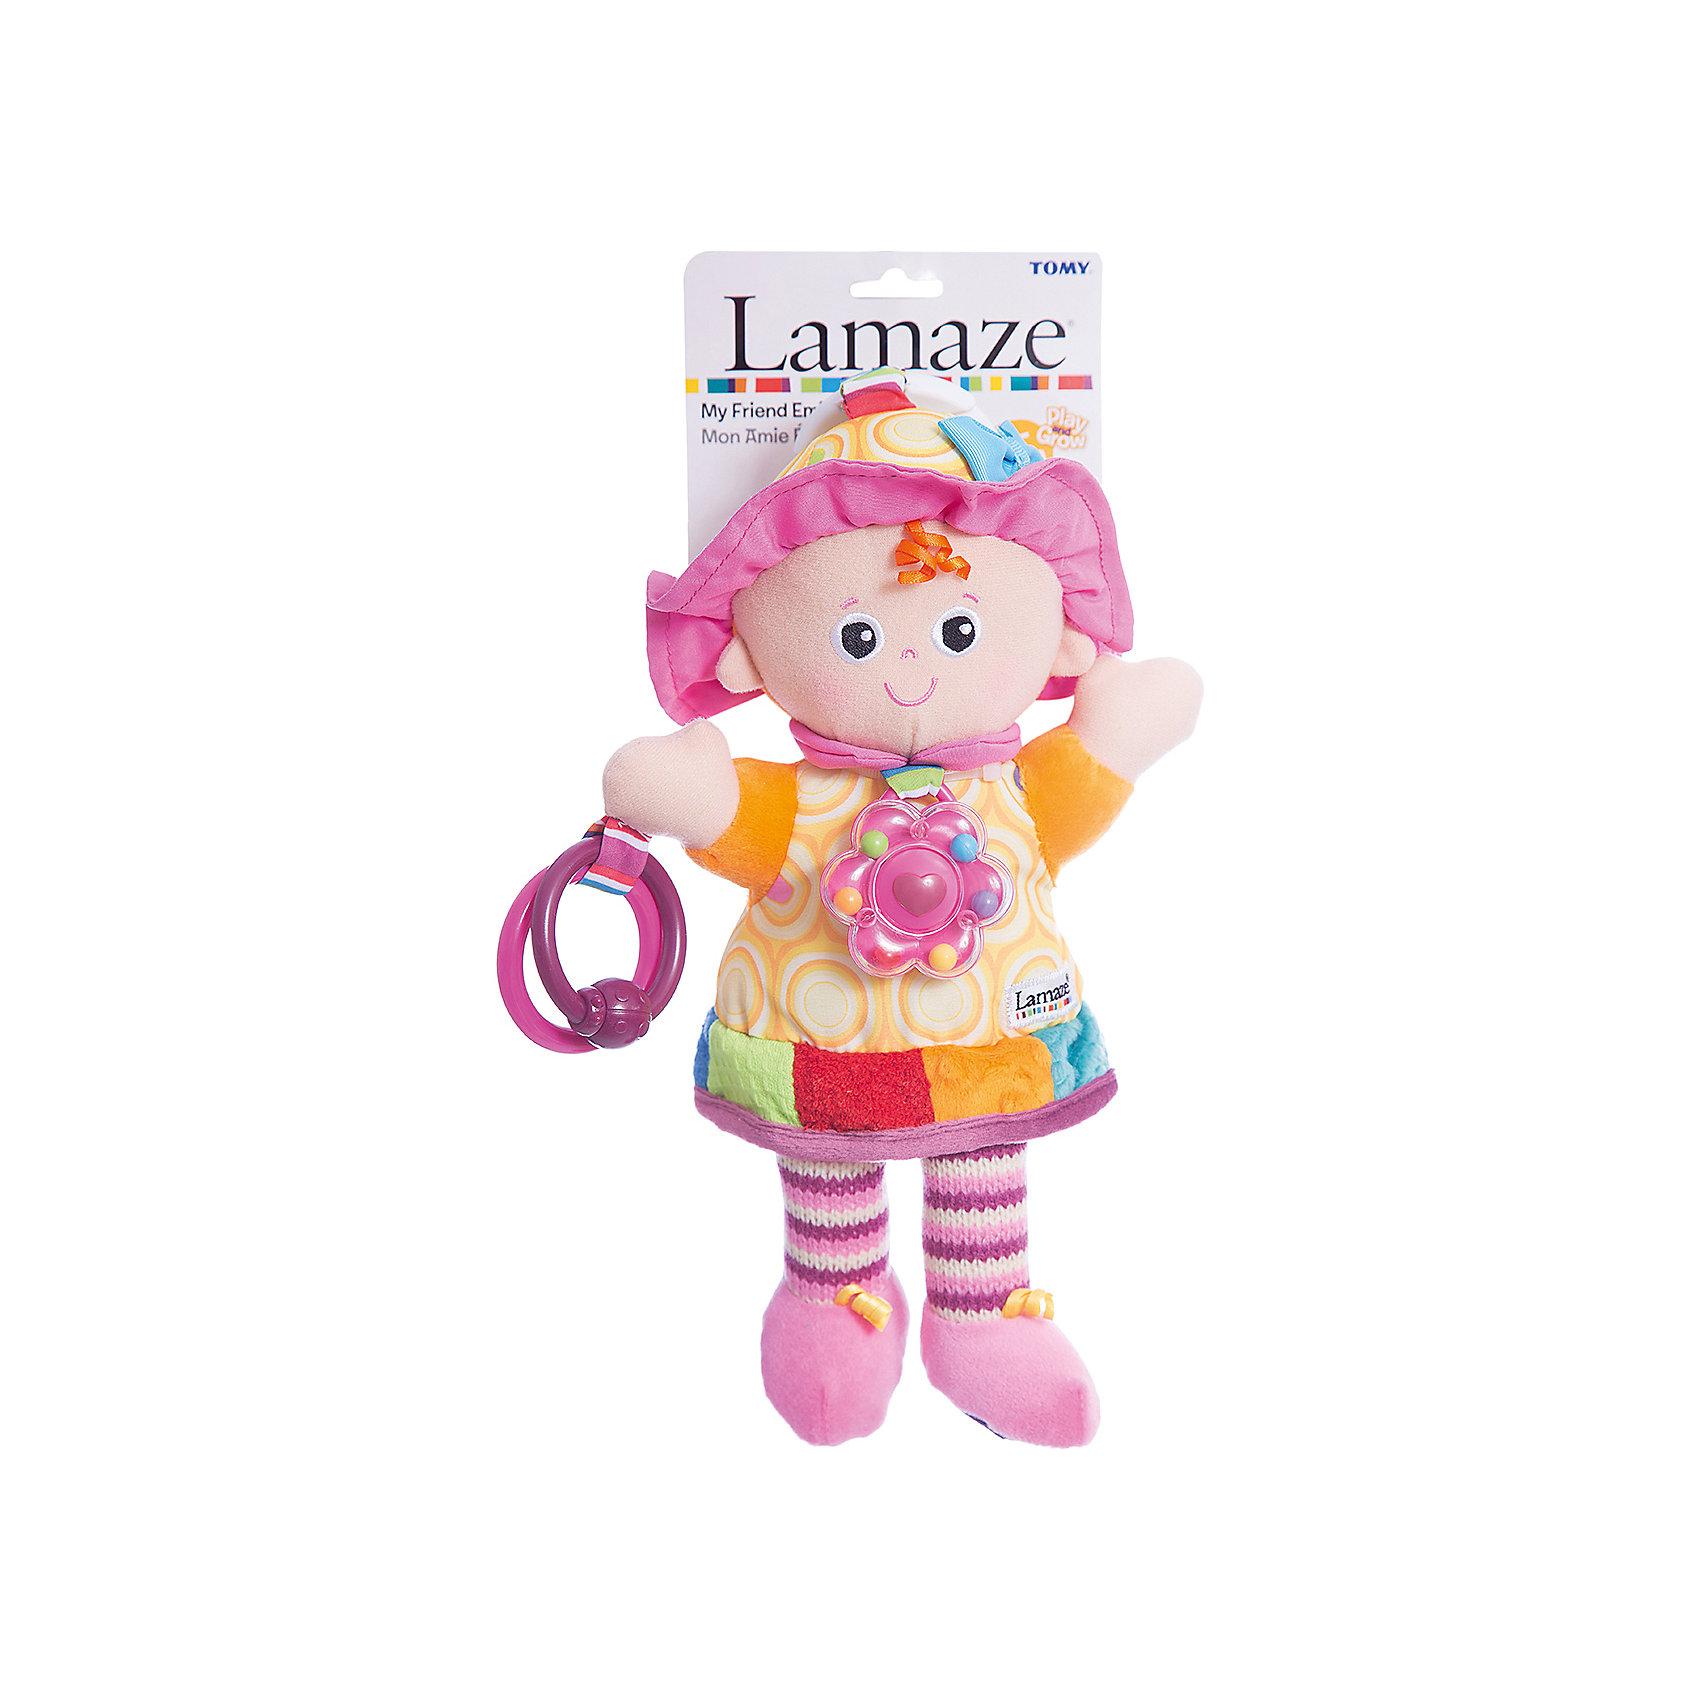 Игрушка Моя Подружка Эмили, LamazeЯркая игрушка для самых маленьких обязательно полюбится крохе. Кукла выполнена из разноцветных материалов различной фактуры, что позволяет развивать мелкую моторику, сенсорное и цветовое восприятие. Платье куколки приятно на ощупь и замечательно шуршит, на груди расположена яркая погремушка. В руках у Эмили два колечка, к которым можно прикрепить что угодно или же использовать их как прорезыватели. В верхней части располагается колечко, за которое можно прикрепить игрушку к кроватке, коляске или манежу.<br>Игрушка выполнена из гипоаллергенных материалов, безопасных для детей.<br><br>Дополнительная информация:<br><br>- Материал: пластик, текстиль.<br>- Размер: 29х14х8 см.<br>- Цвет: разноцветный.<br>- Звуковые эффекты: погремушка.<br><br>Игрушку Моя Подружка Эмили, Lamaze можно купить в нашем магазине.<br><br>Ширина мм: 210<br>Глубина мм: 110<br>Высота мм: 380<br>Вес г: 170<br>Возраст от месяцев: 0<br>Возраст до месяцев: 24<br>Пол: Унисекс<br>Возраст: Детский<br>SKU: 1860556